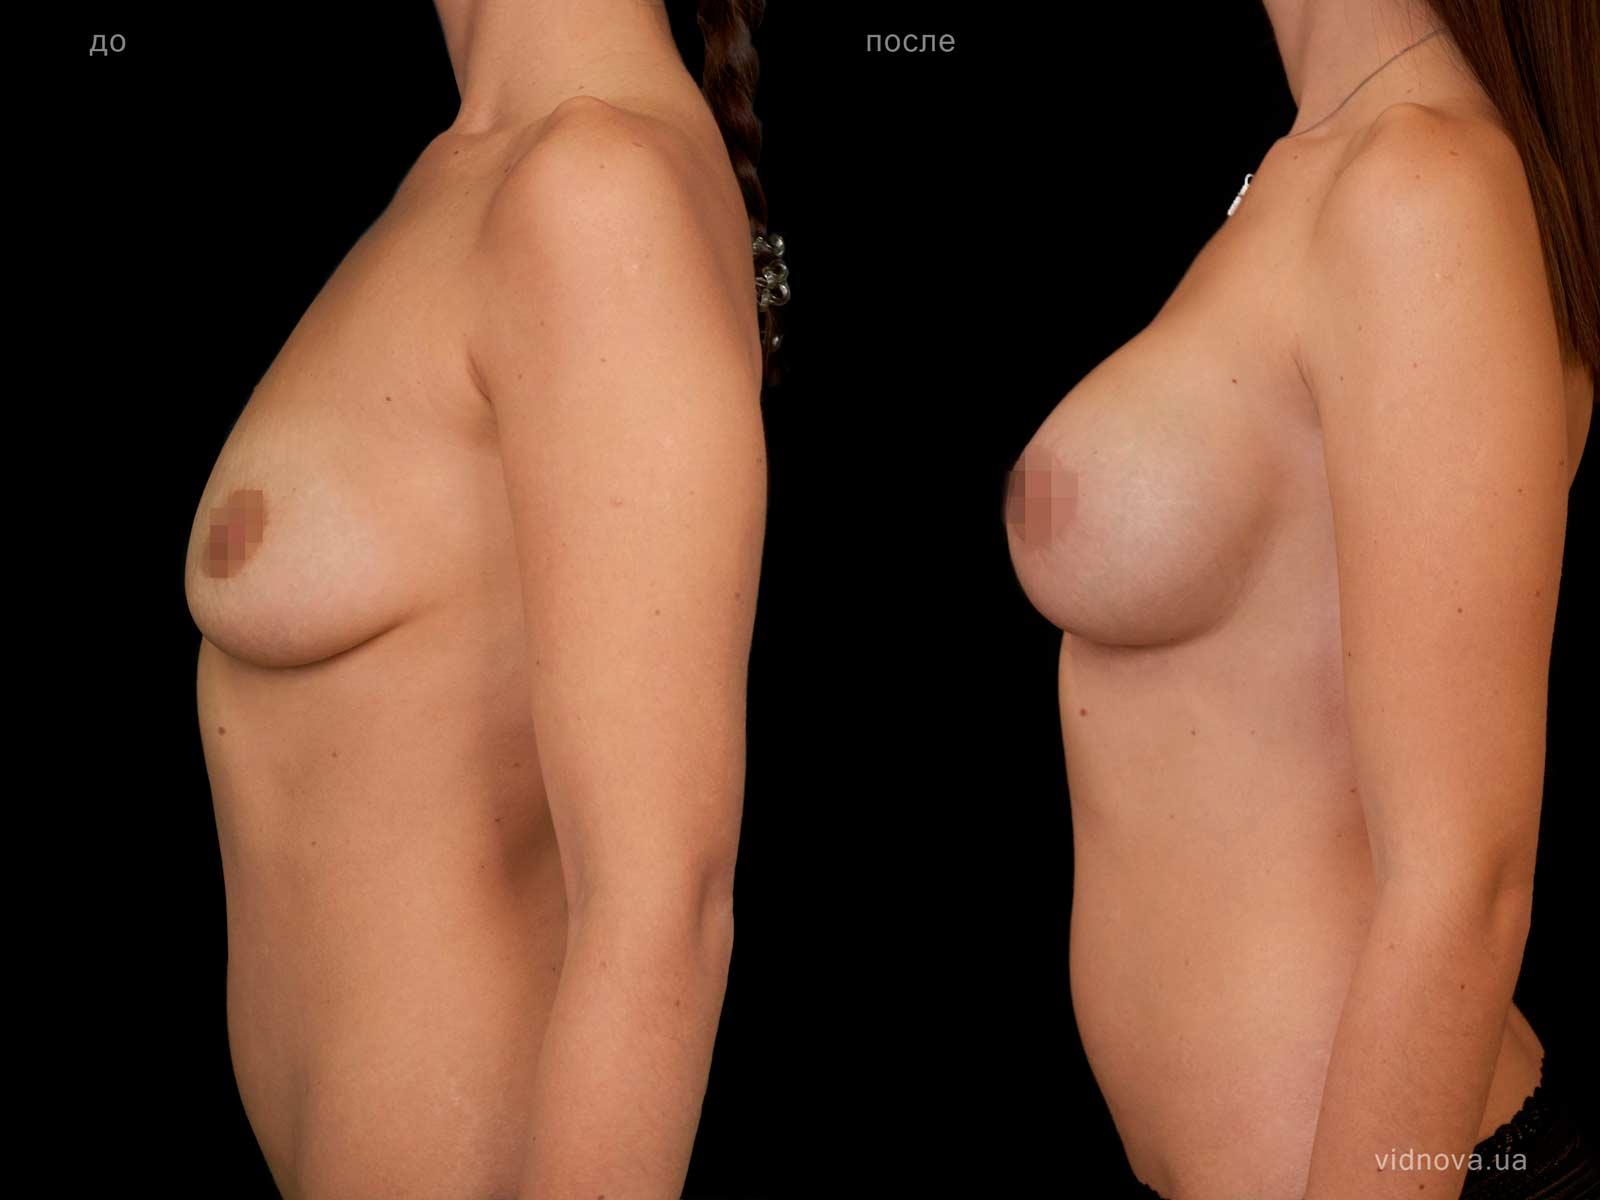 Пластика груди: результаты до и после - Пример №105-2 - Светлана Работенко